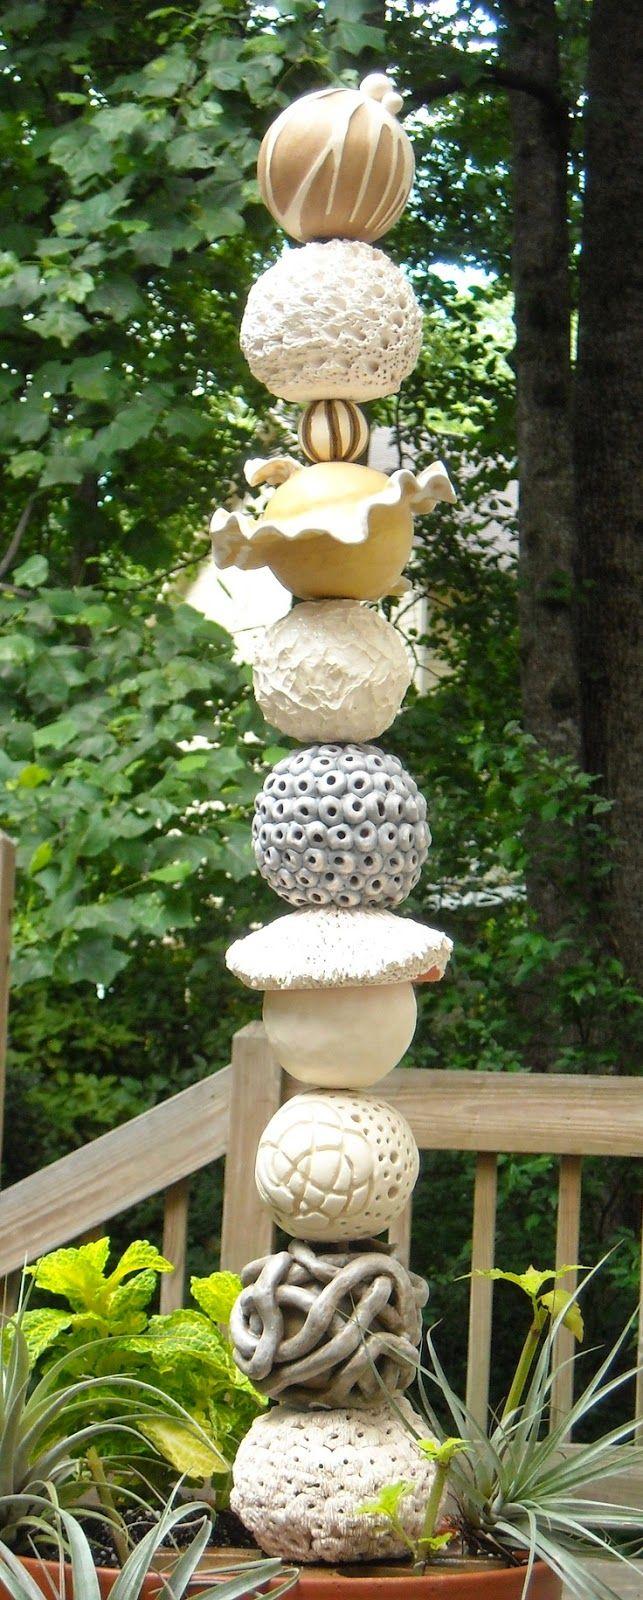 Vous connaissez les vrais Totems:       Voici les Totems de jardin!  Voilà une bonne idée de décoration pour le jardin, réalisée avec des ...